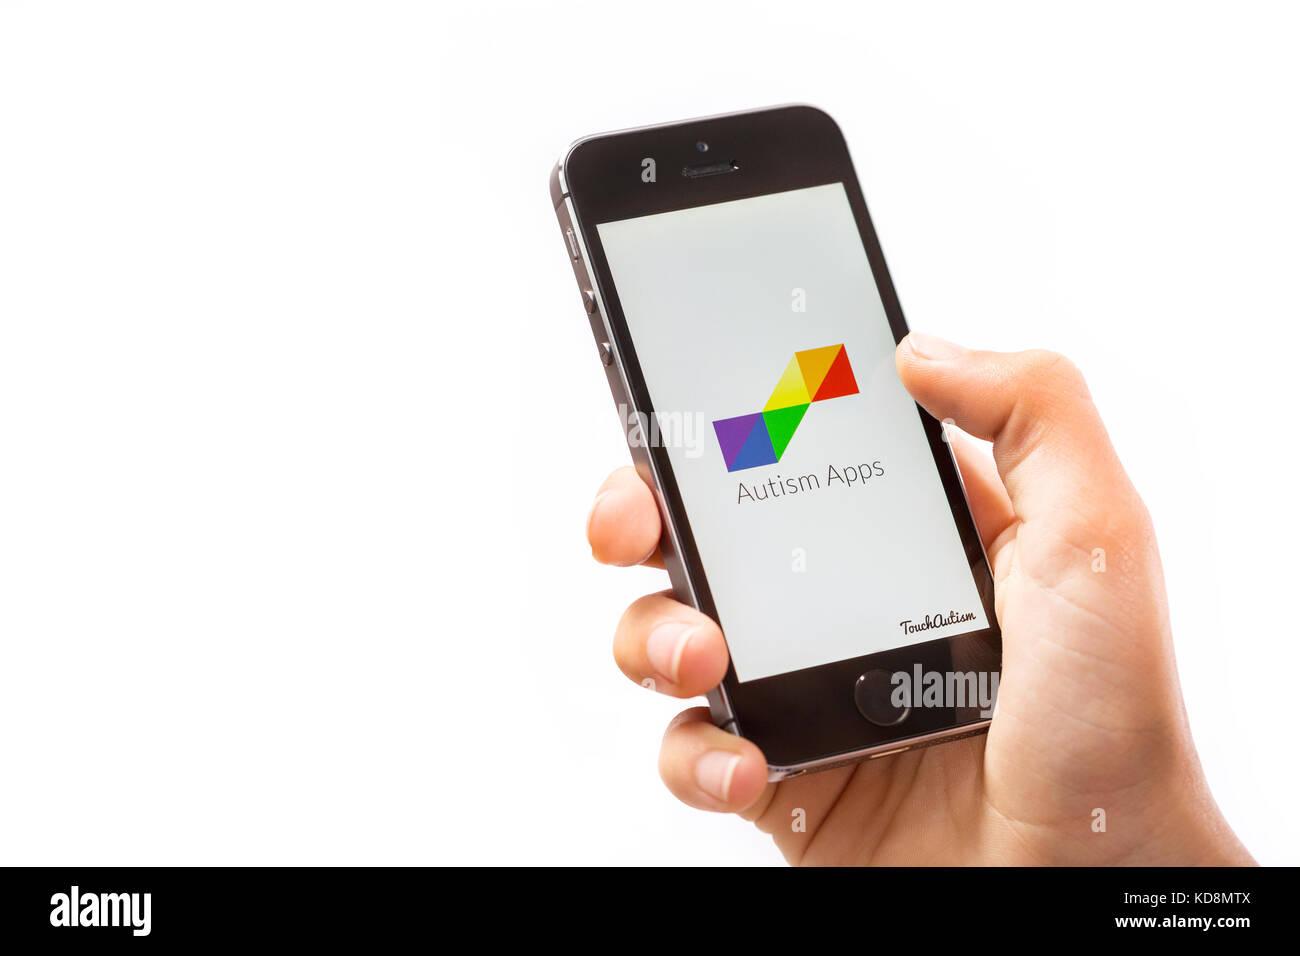 Un garçon à l'aide de l'app sur l'autisme un téléphone mobile Photo Stock